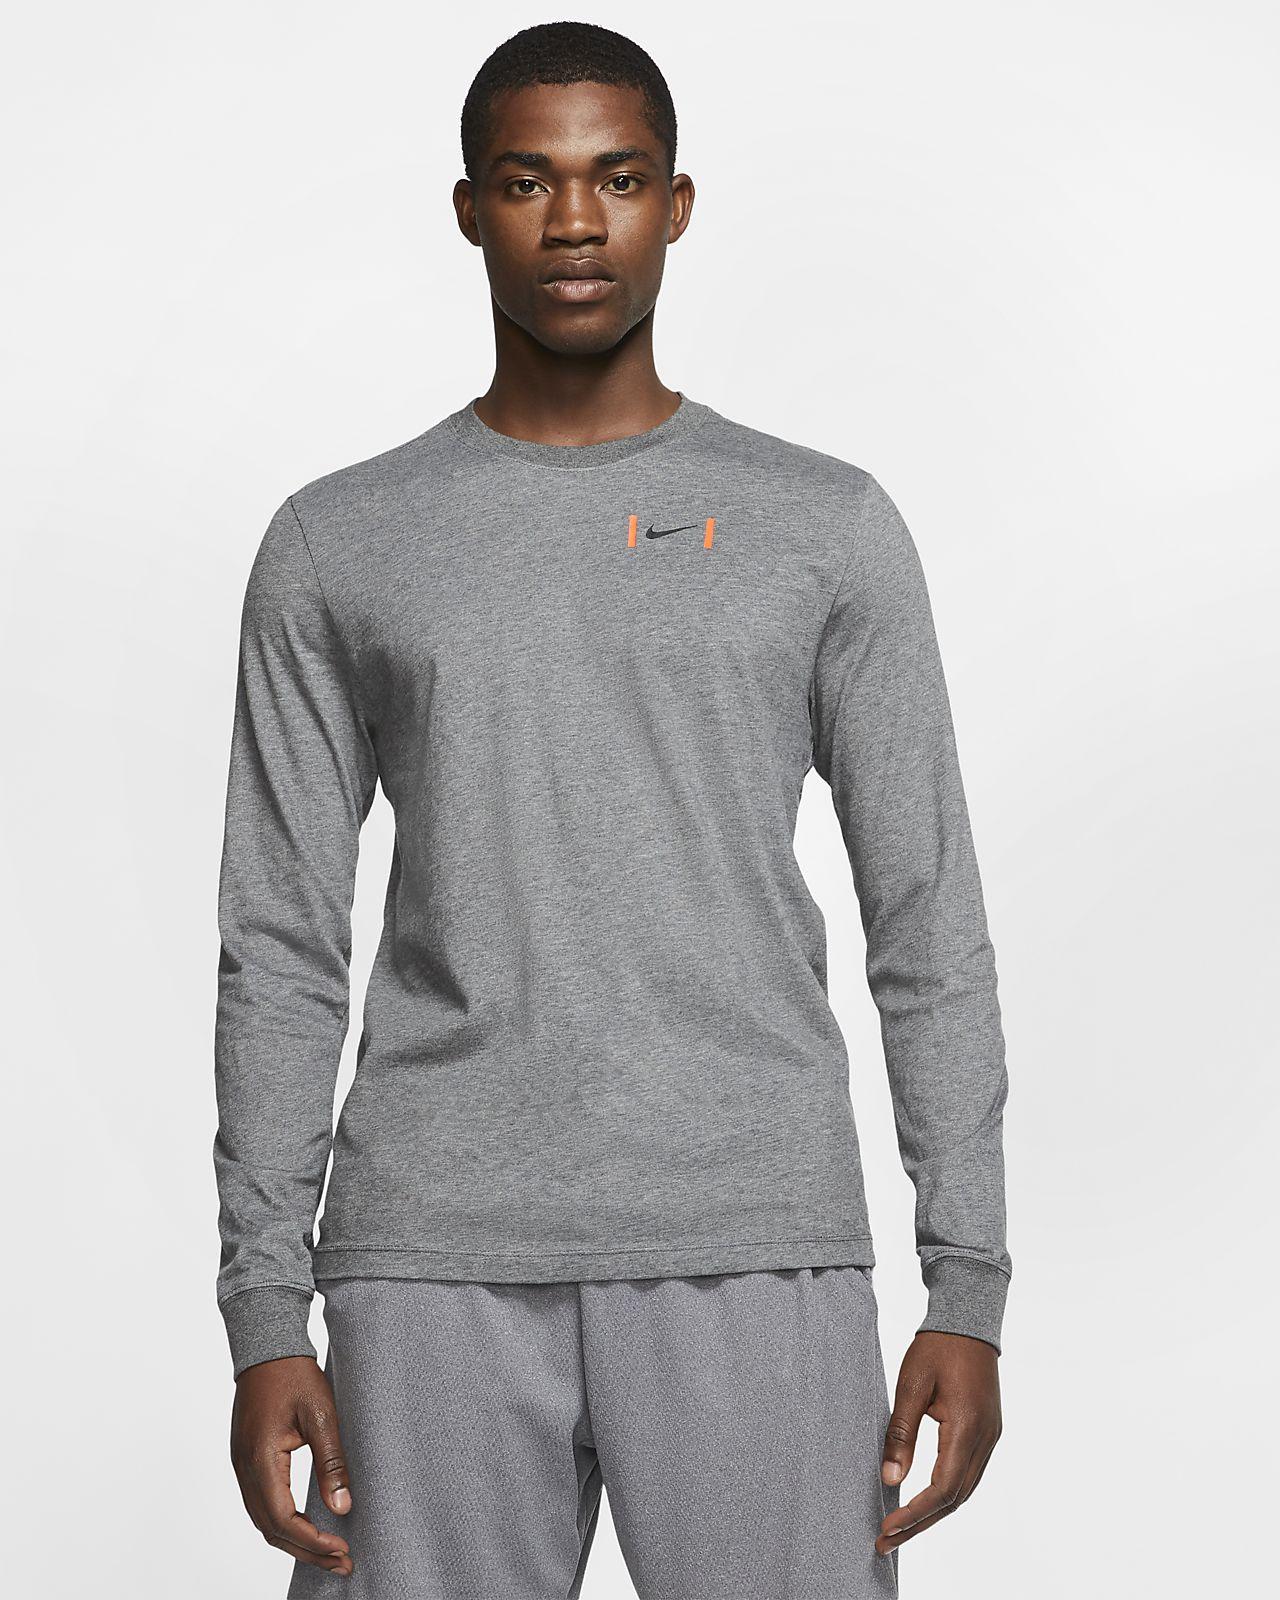 Nike Dri-FIT Men's Long-Sleeve Football T-Shirt